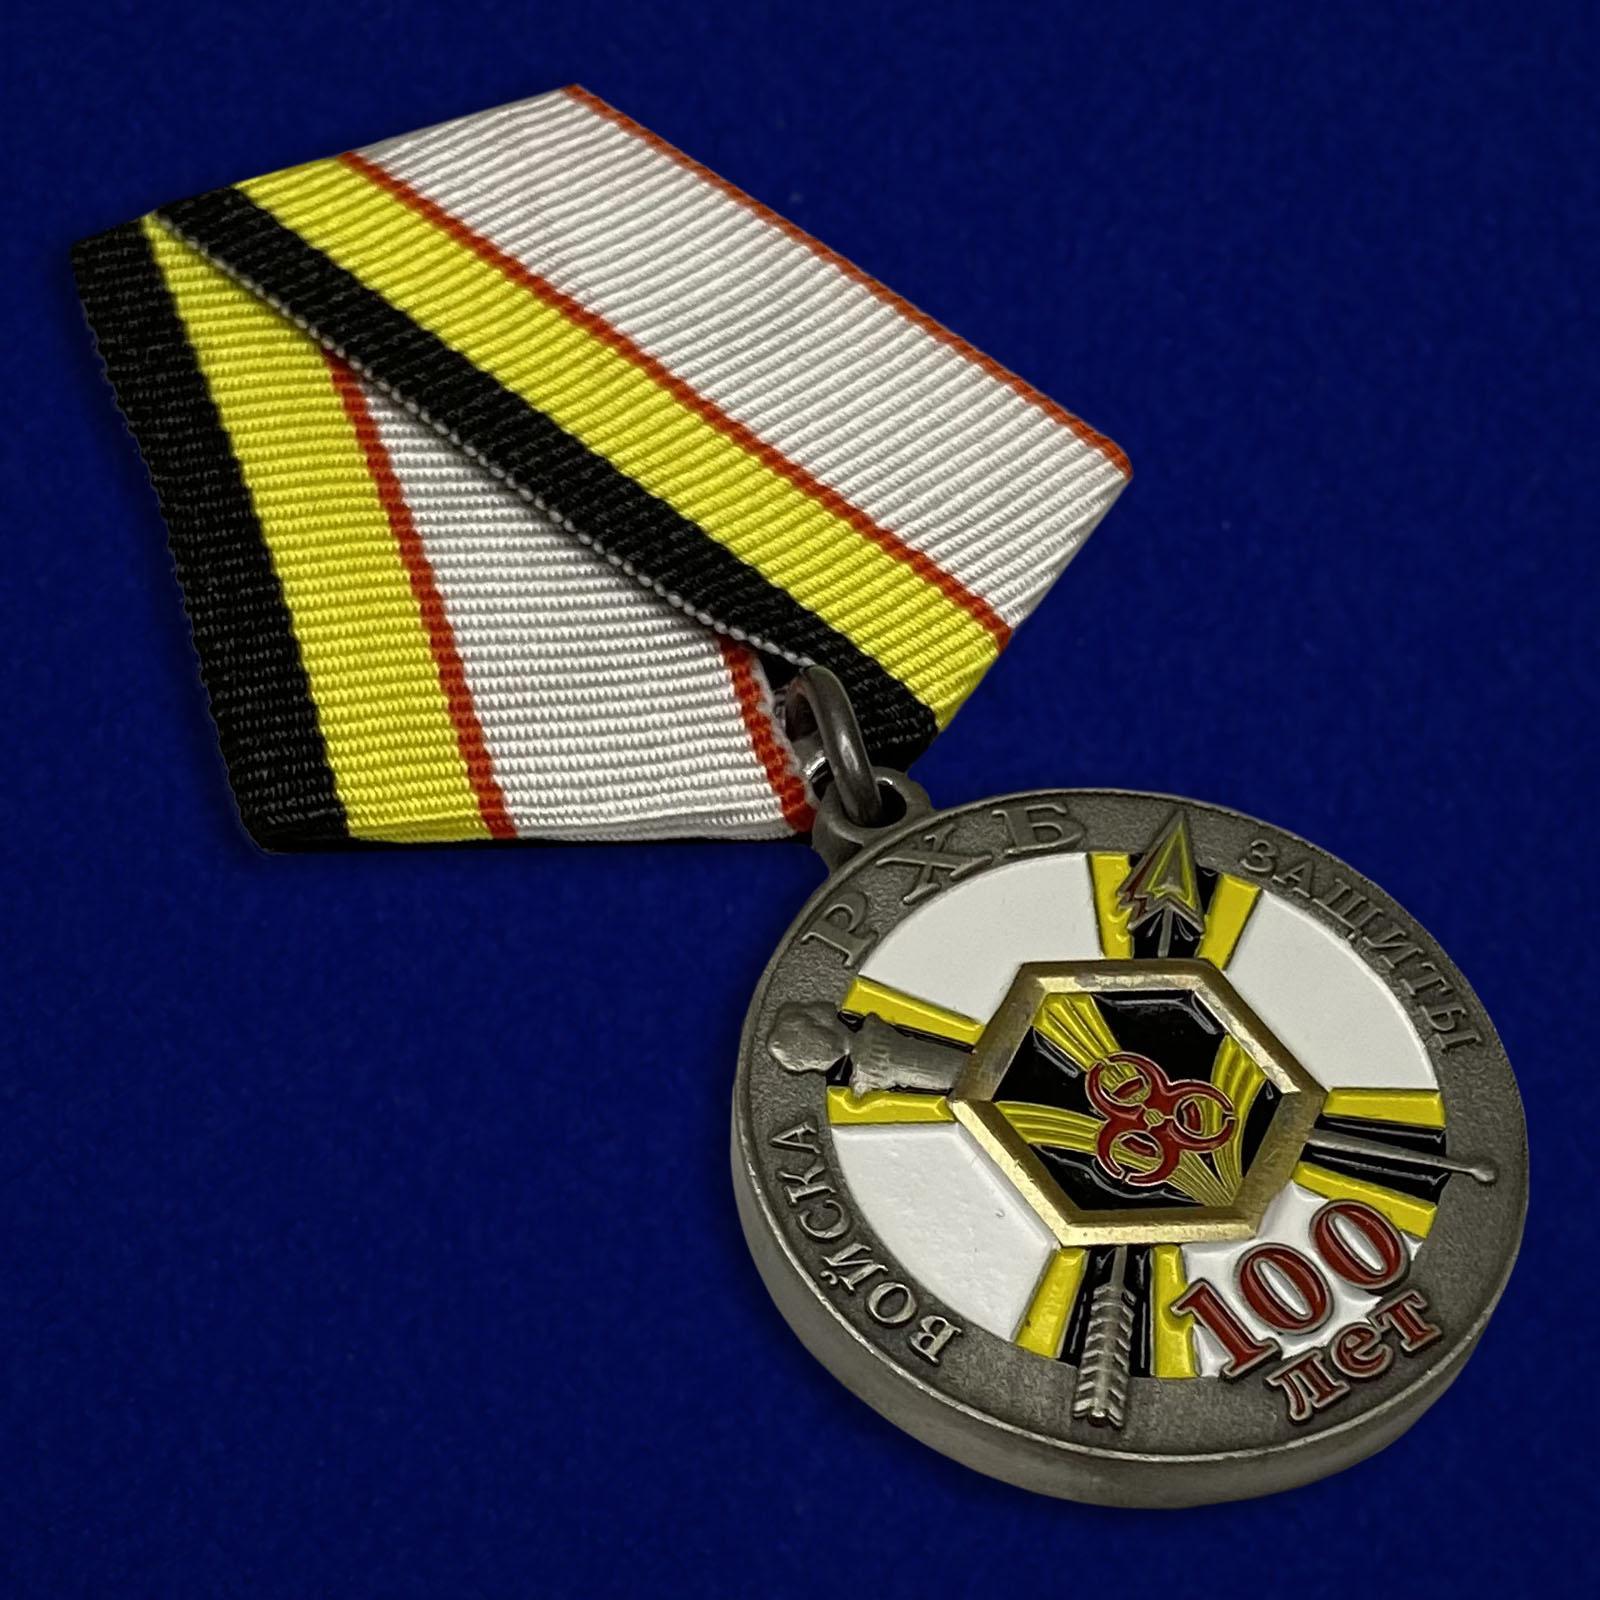 """Юбилейная медаль """"100 лет Войскам РХБ защиты"""" по лучшей цене"""